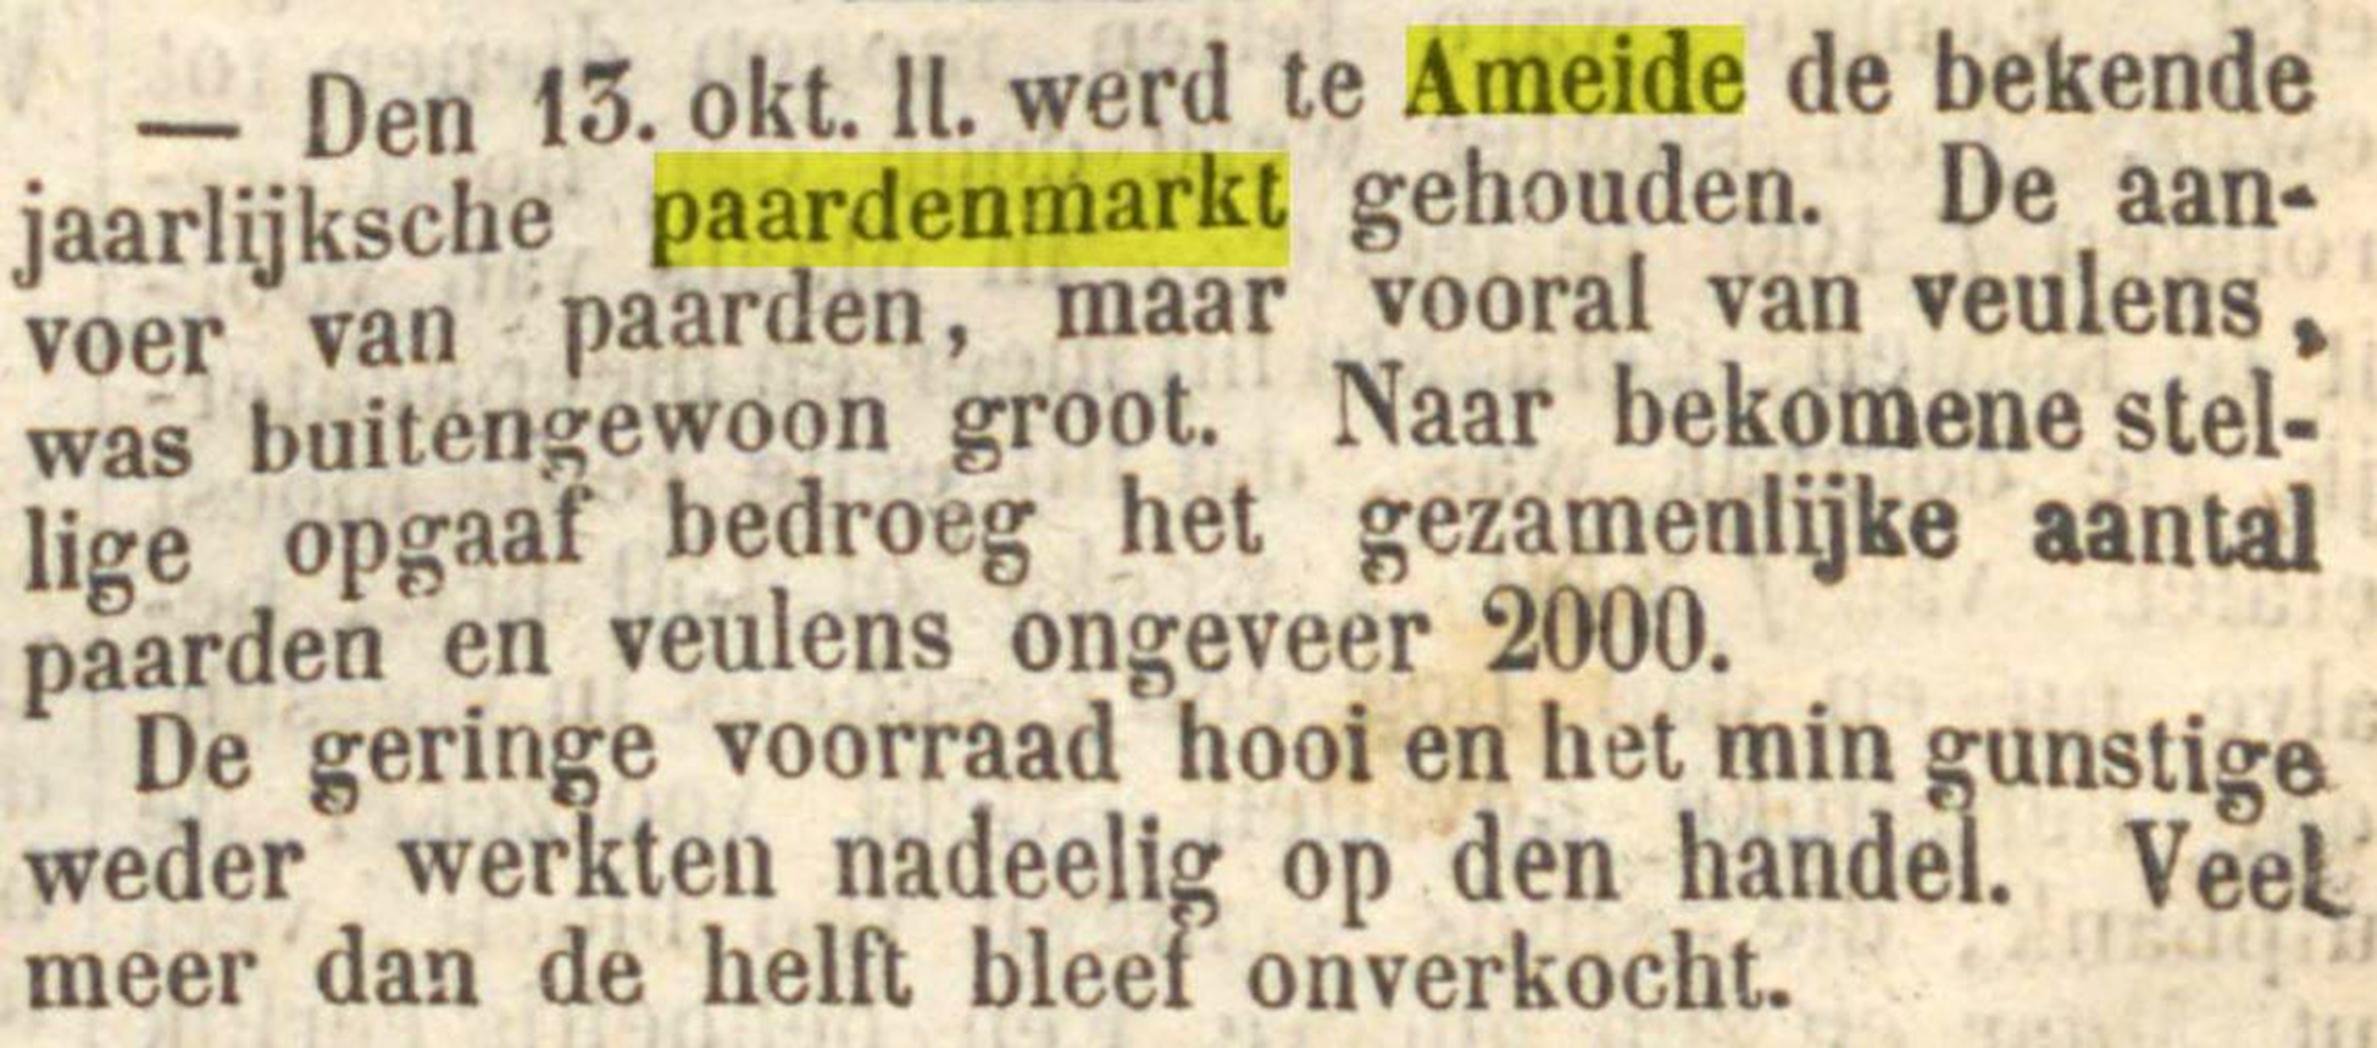 utrechtsch-provinciaal-en-stedelijk-dagblad-20-10-1864